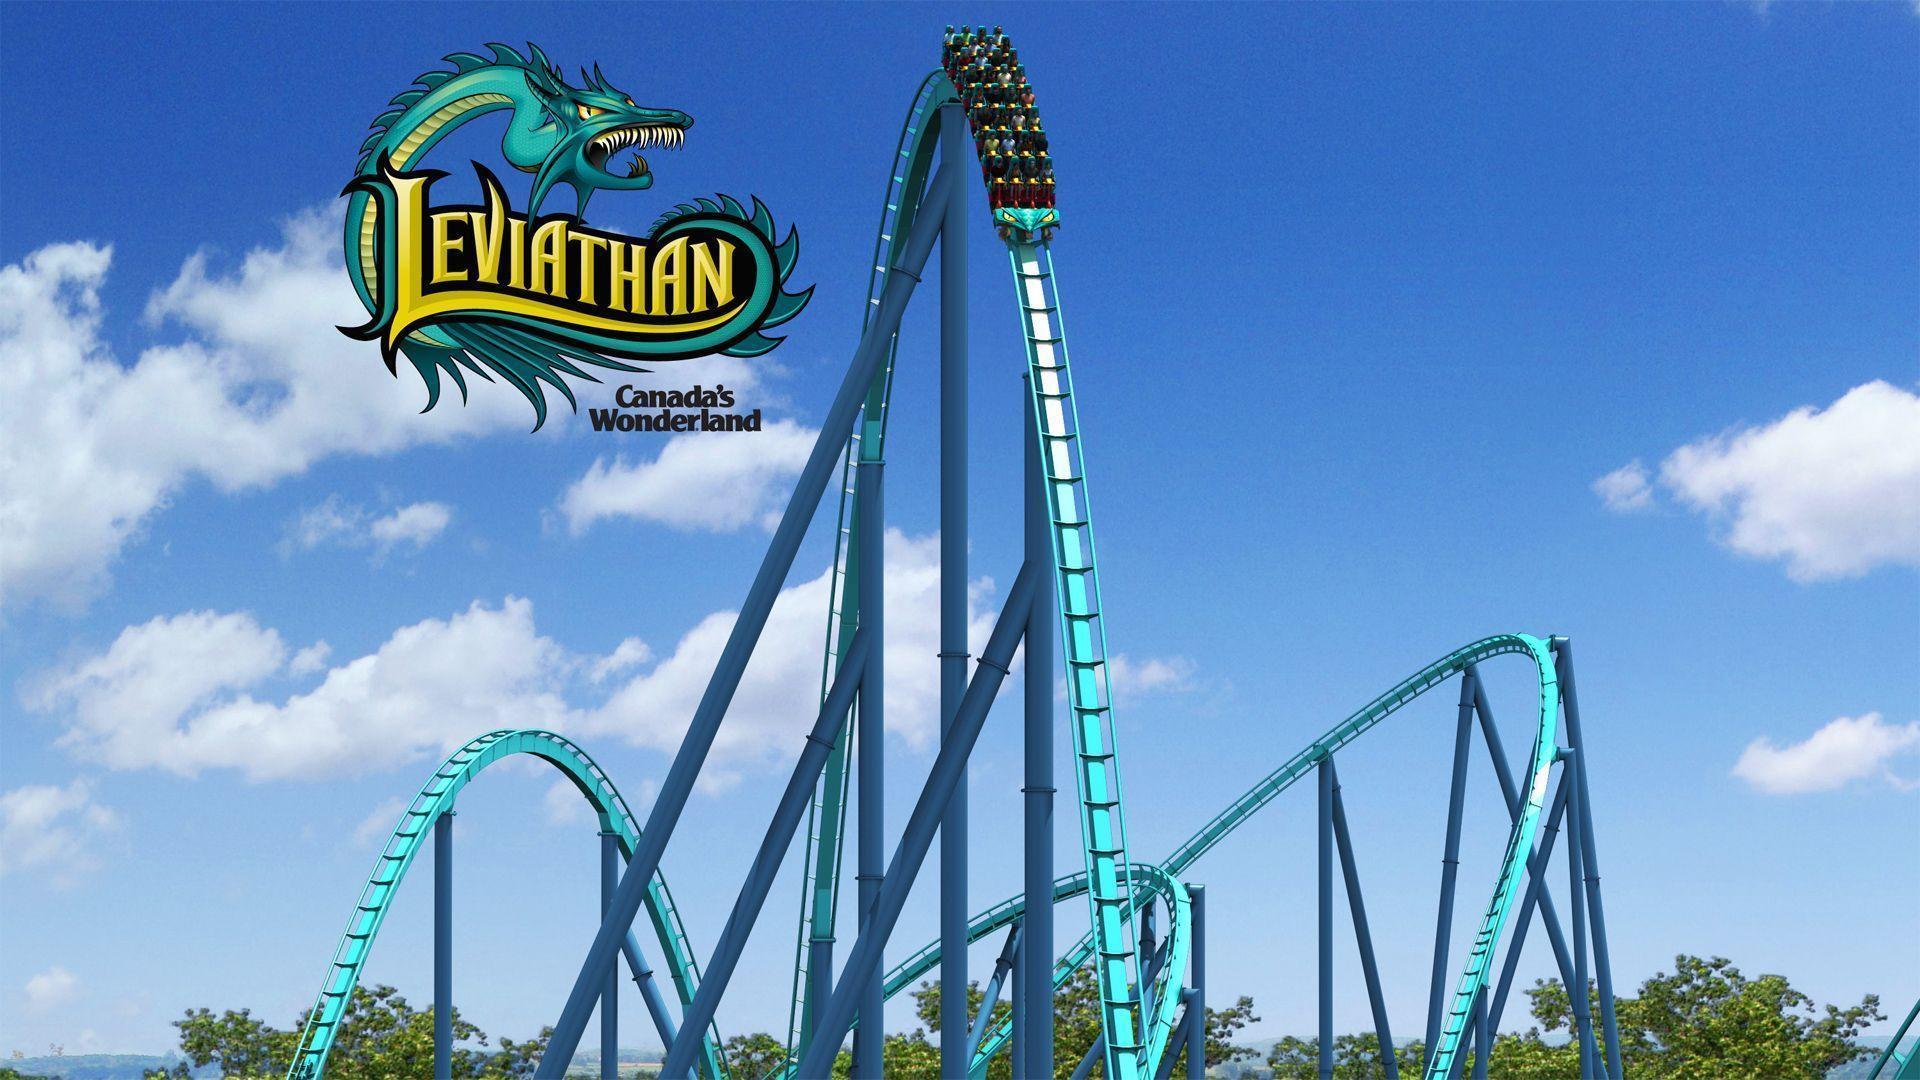 xmas roller coaster hd - photo #12